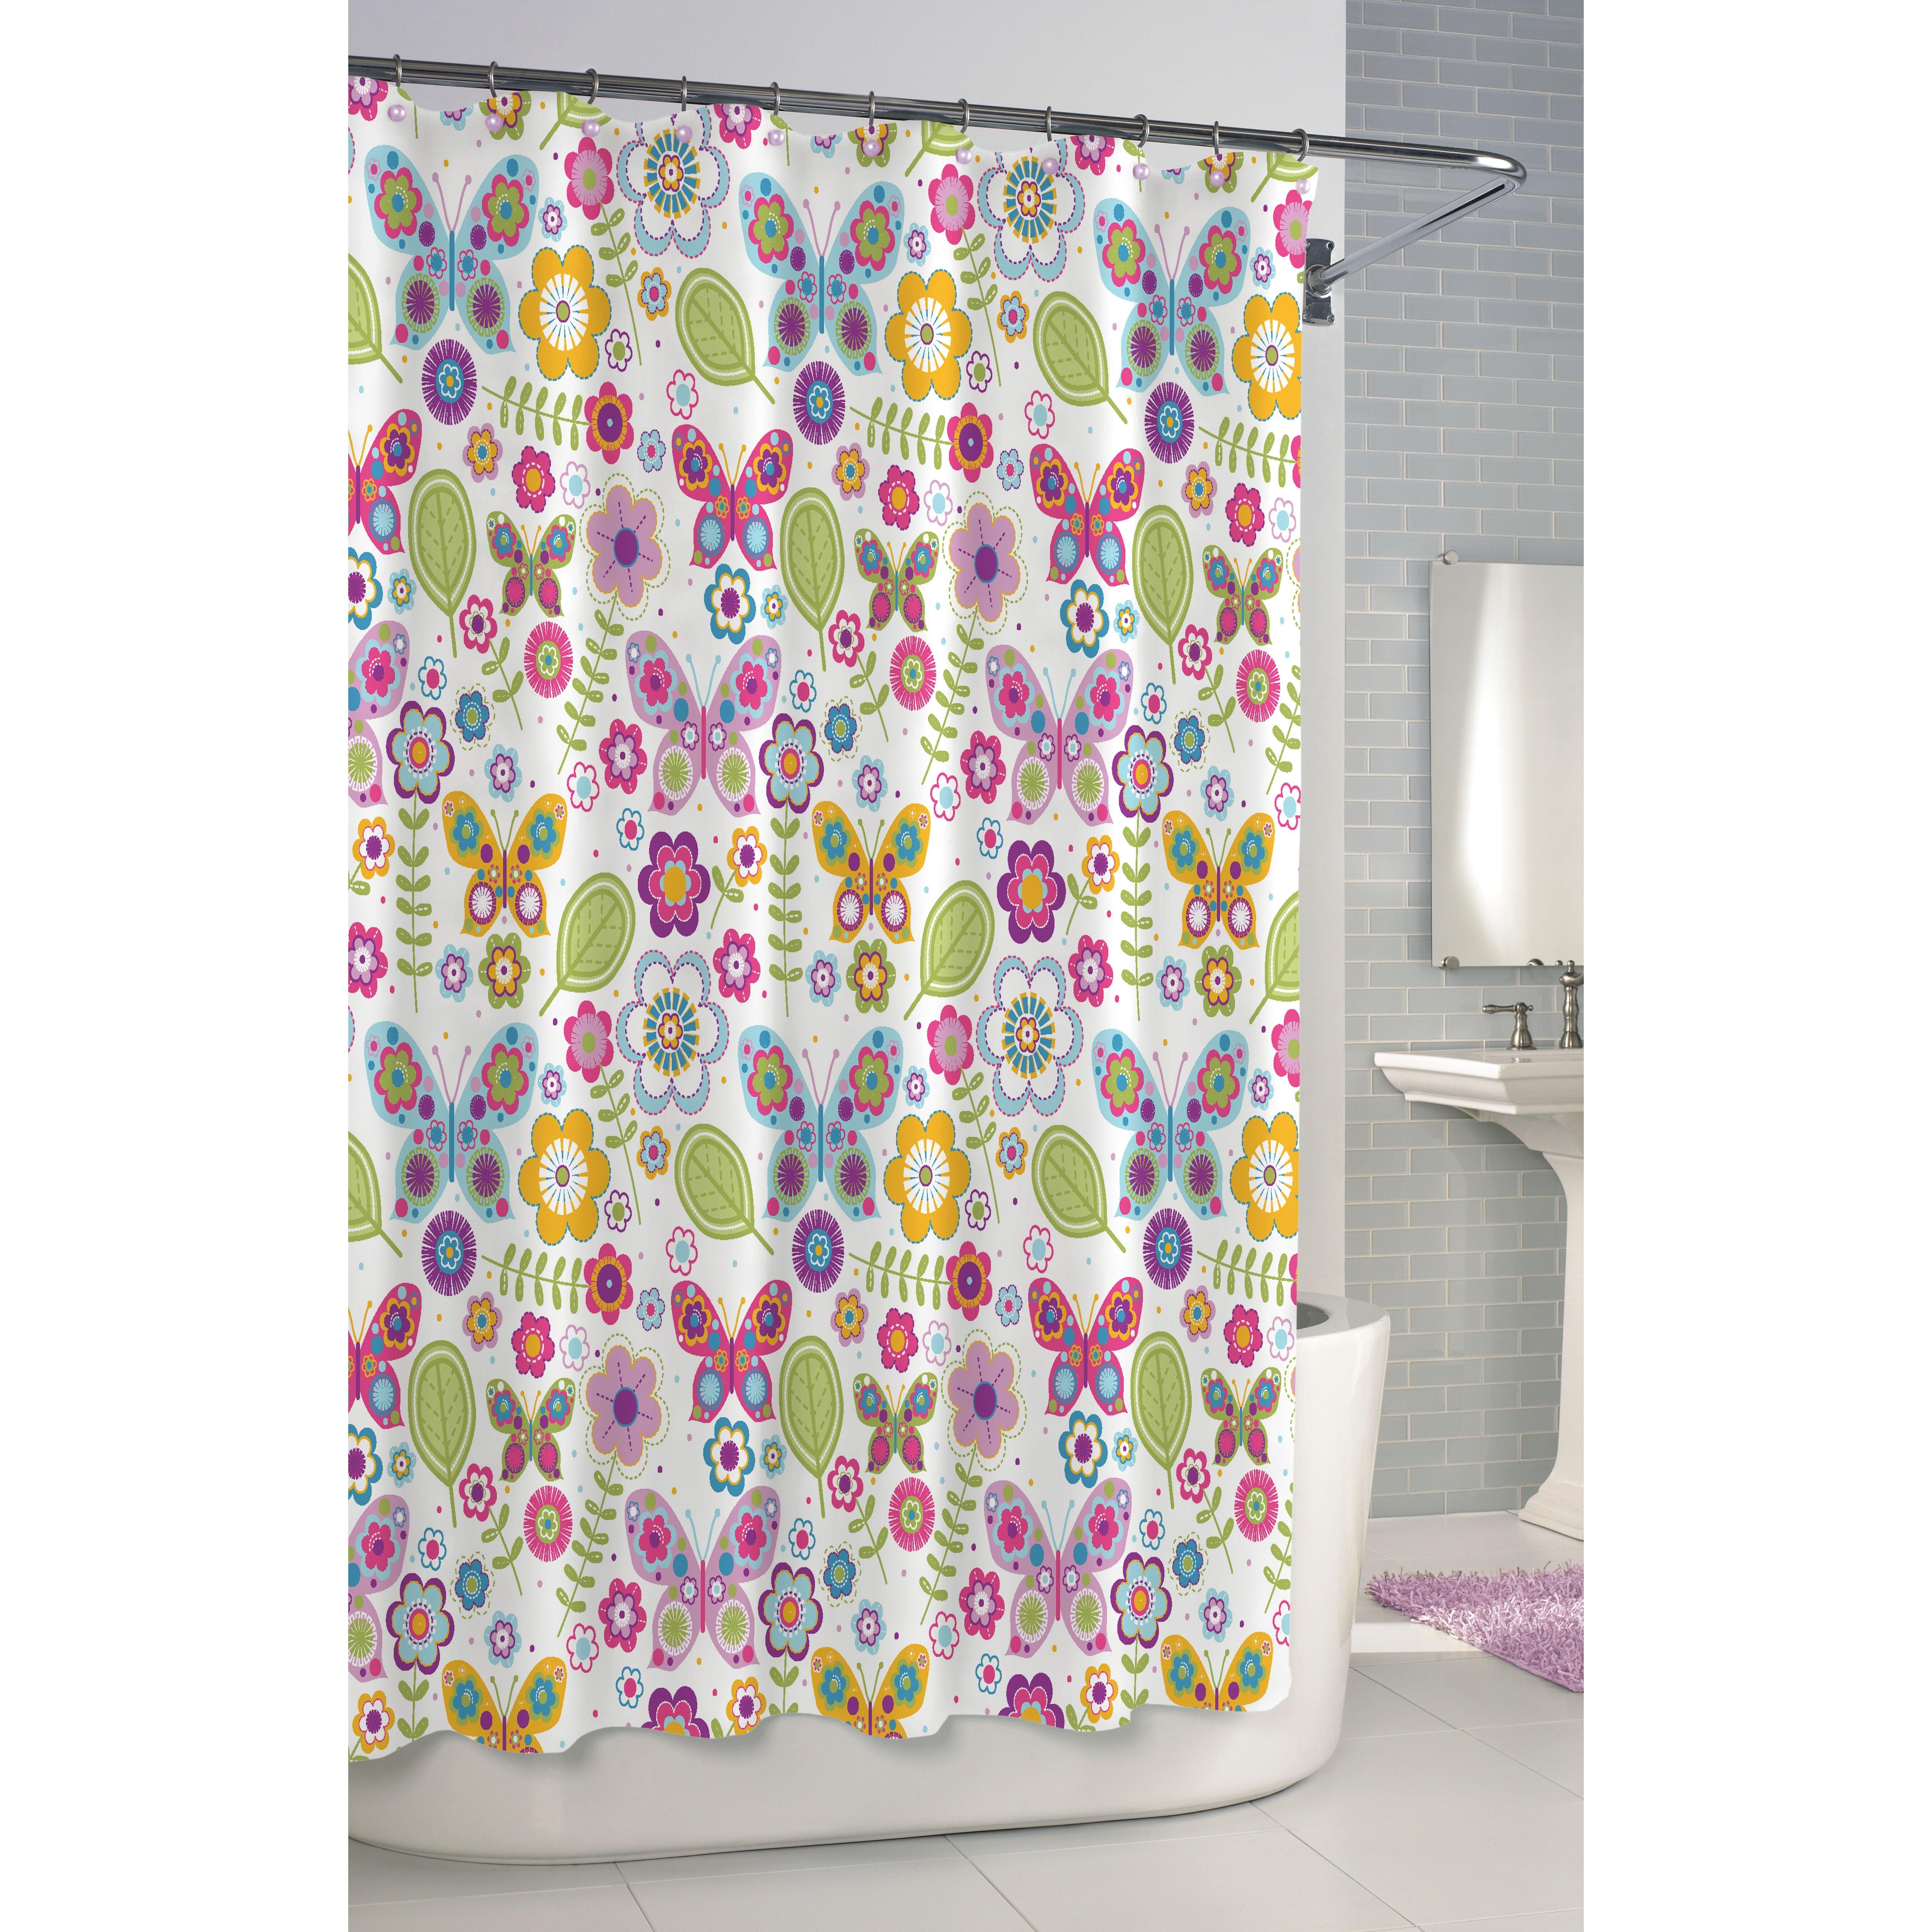 Kassatex Bambini Shower Curtain Cotton Butterfly Shower